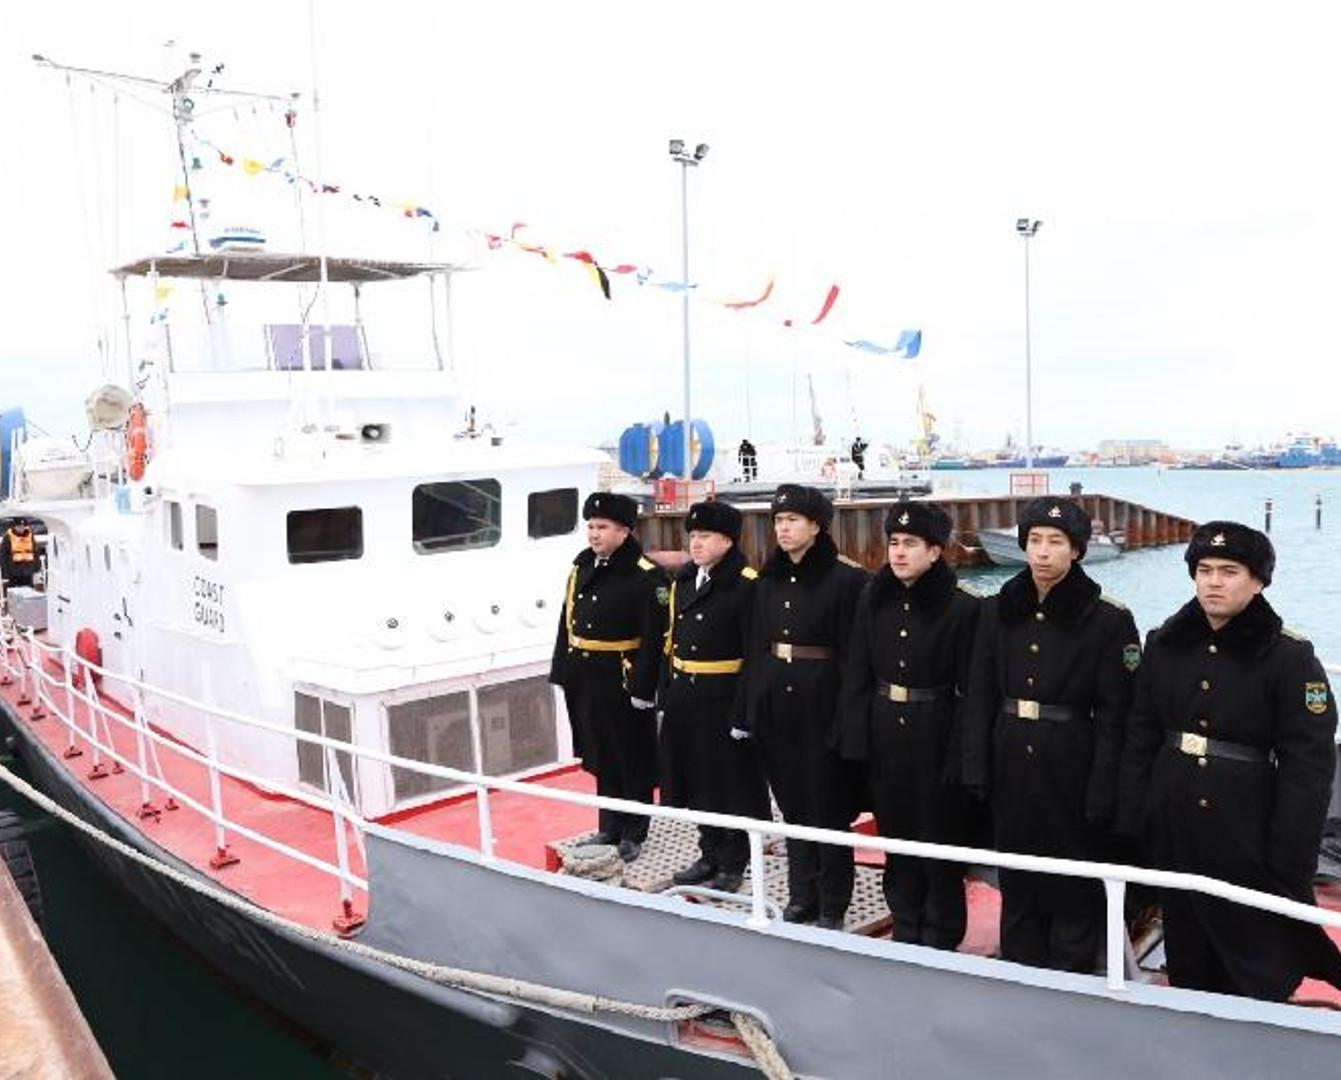 Казахстанским военным суднам дали имена двух батыров